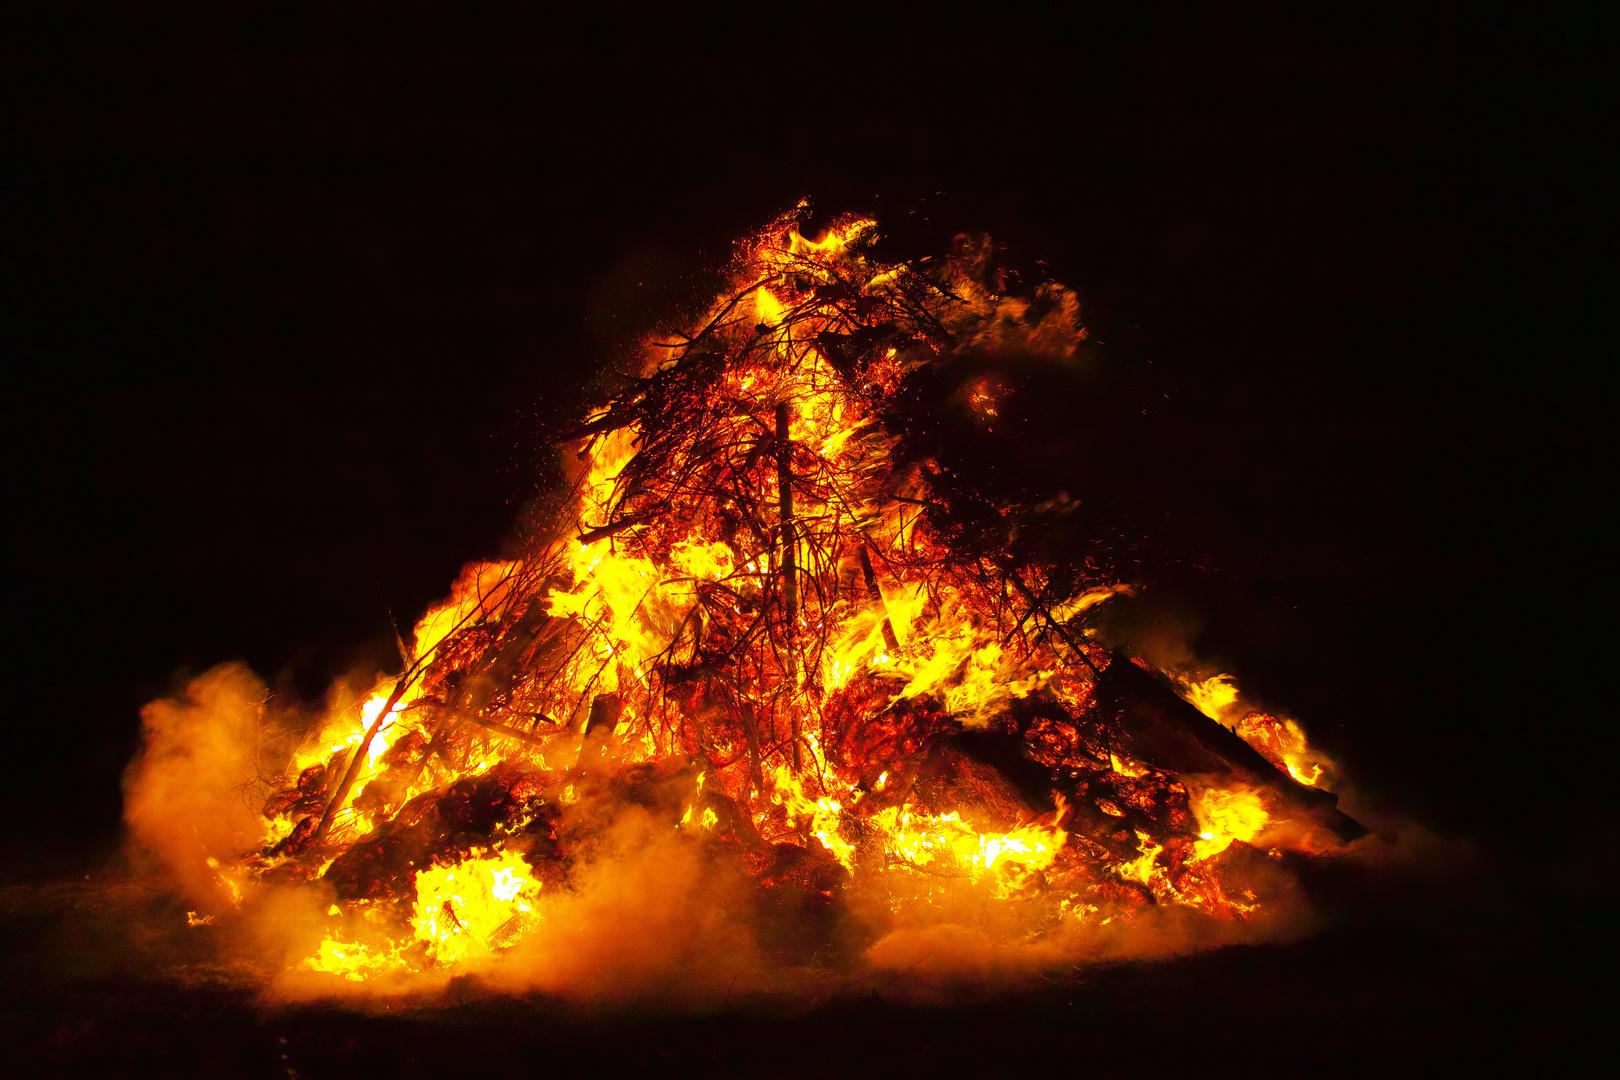 die Martinsfeuer brennen wieder